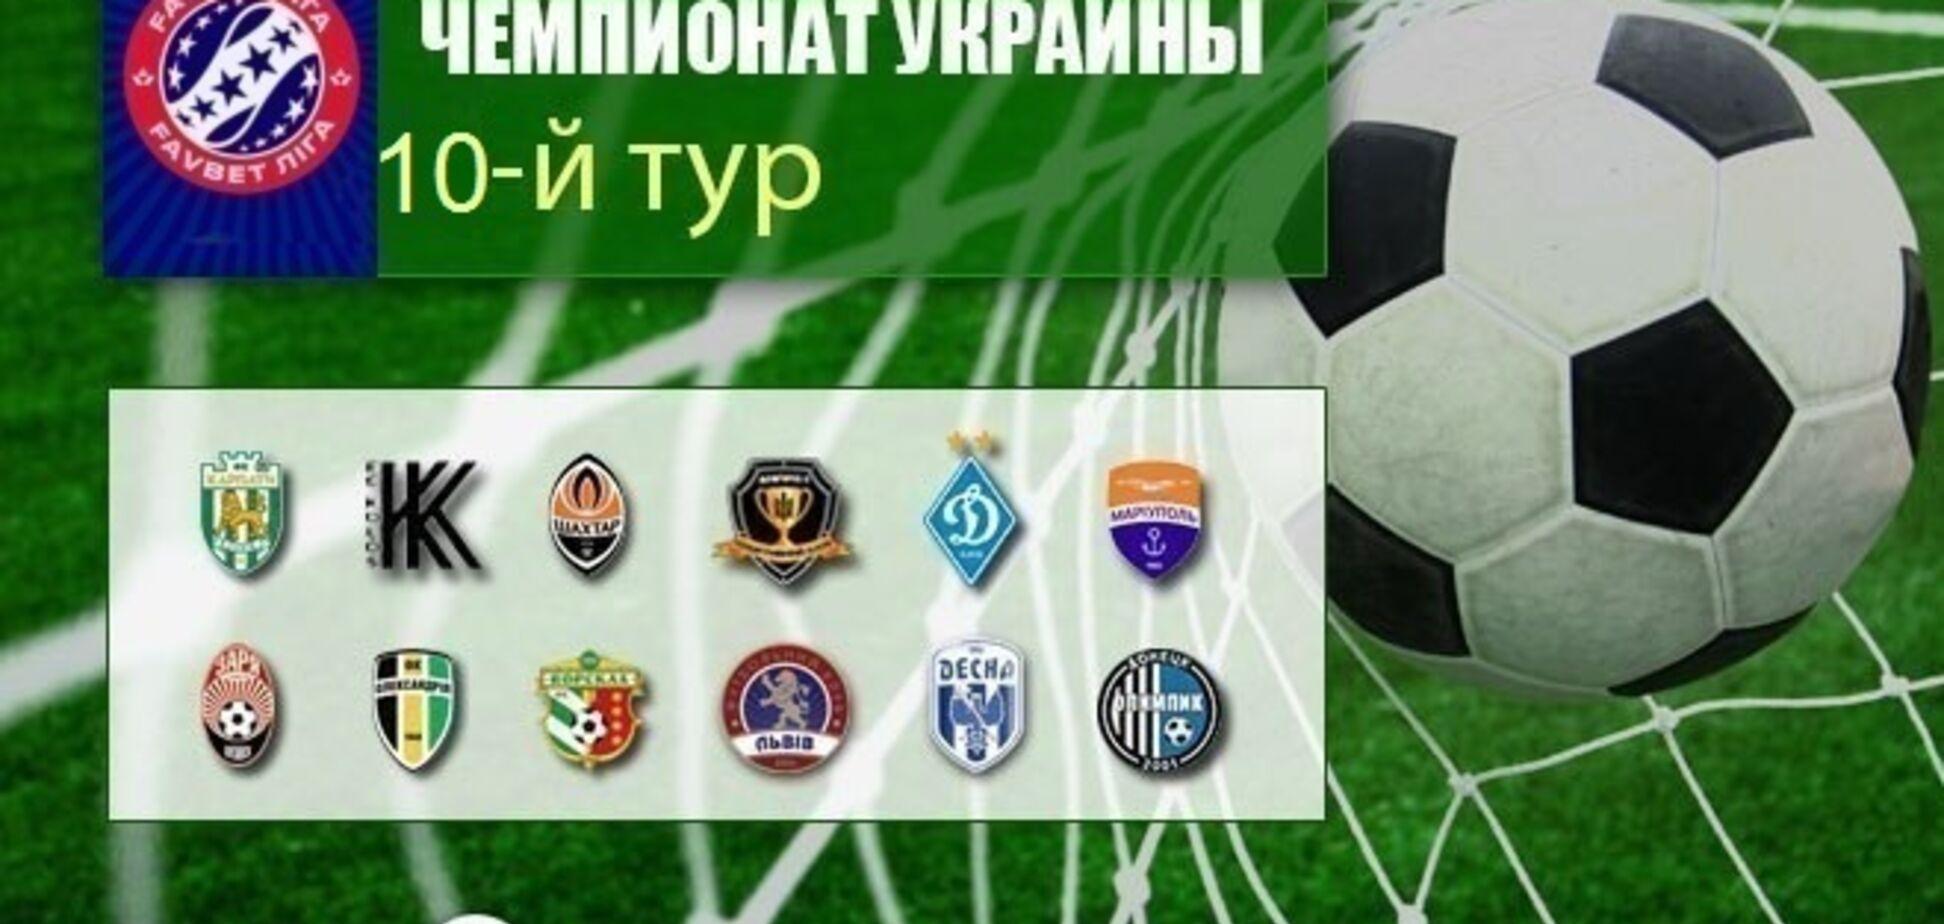 10-й тур Прем'єр-ліги України: результати, огляди, таблиця